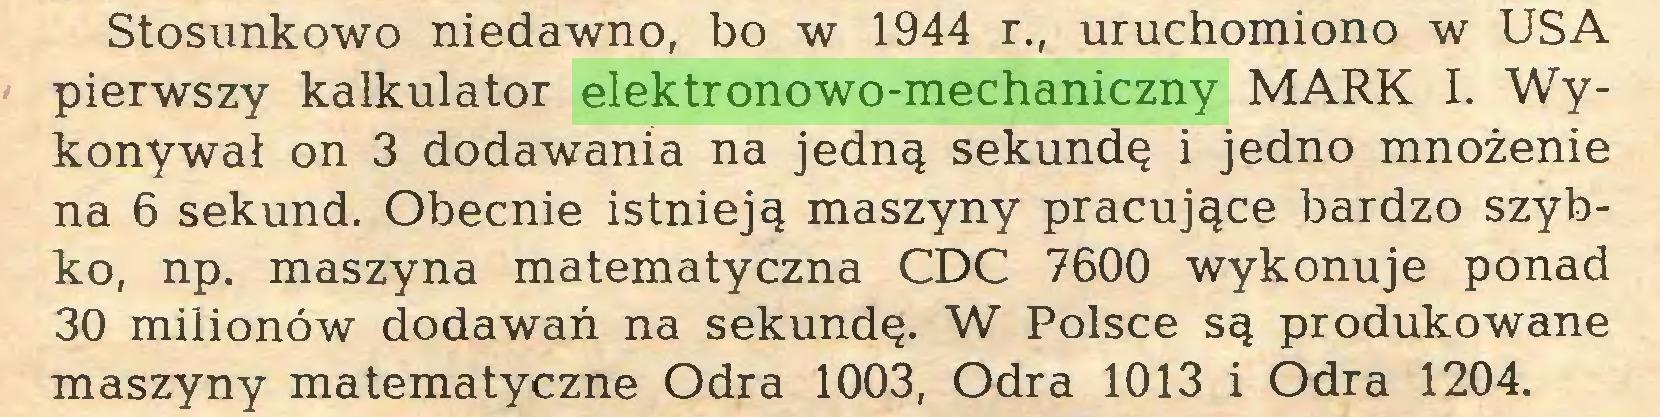 (...) Stosunkowo niedawno, bo w 1944 r., uruchomiono w USA pierwszy kalkulator elektronowo-mechaniczny MARK I. Wykonywał on 3 dodawania na jedną sekundę i jedno mnożenie na 6 sekund. Obecnie istnieją maszyny pracujące bardzo szybko, np. maszyna matematyczna CDC 7600 wykonuje ponad 30 milionów dodawań na sekundę. W Polsce są produkowane maszyny matematyczne Odra 1003, Odra 1013 i Odra 1204...